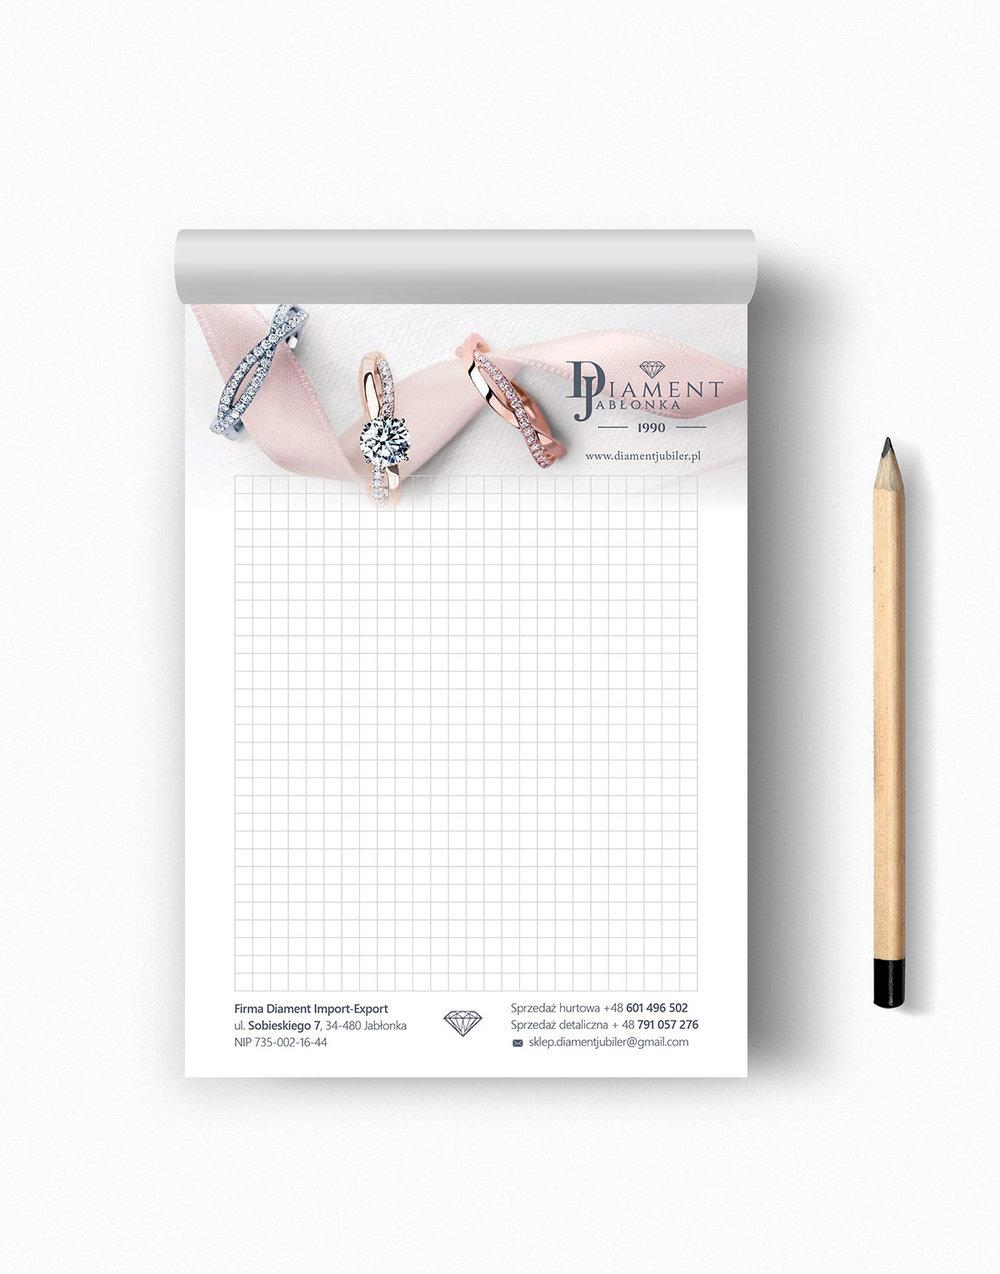 Przygotowanie i druk notesów A5, klejenie po krótszym brzegu, papier offset 90g, plecki karton